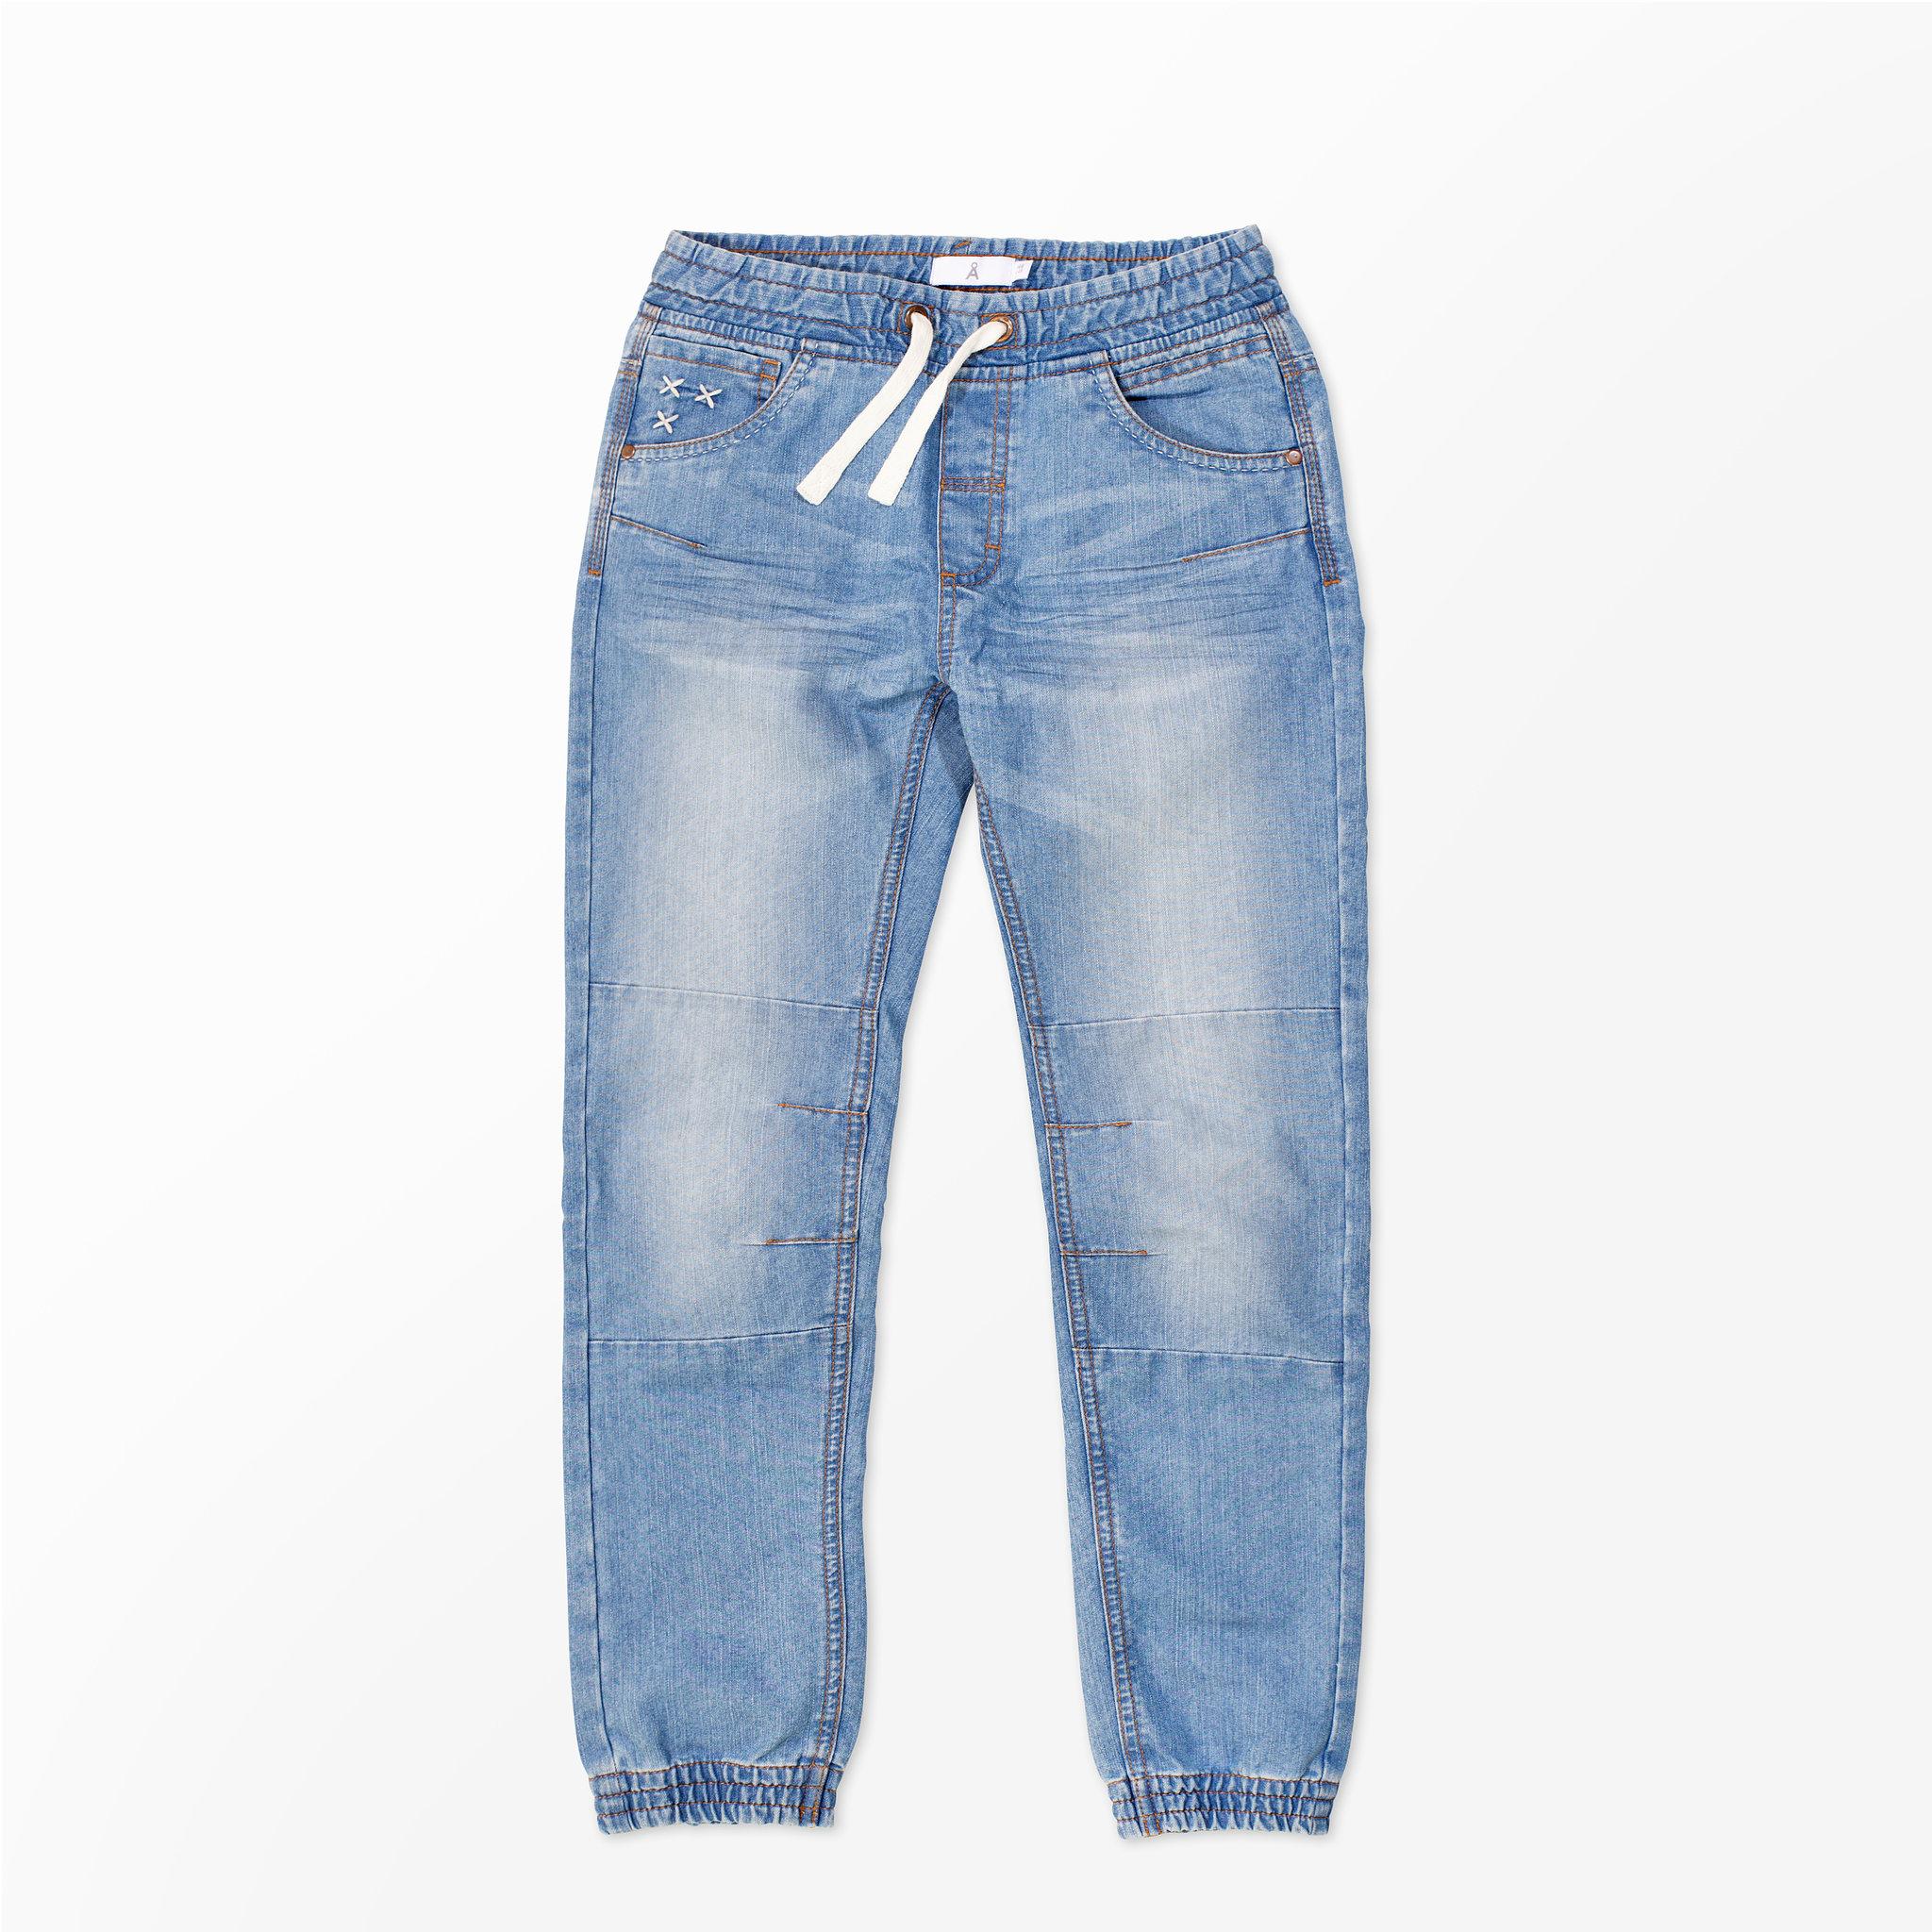 Jeans med resår i midjan - Barnkläder stl. 86-116 - Köp online på åhlens.se! 325008c82b9af